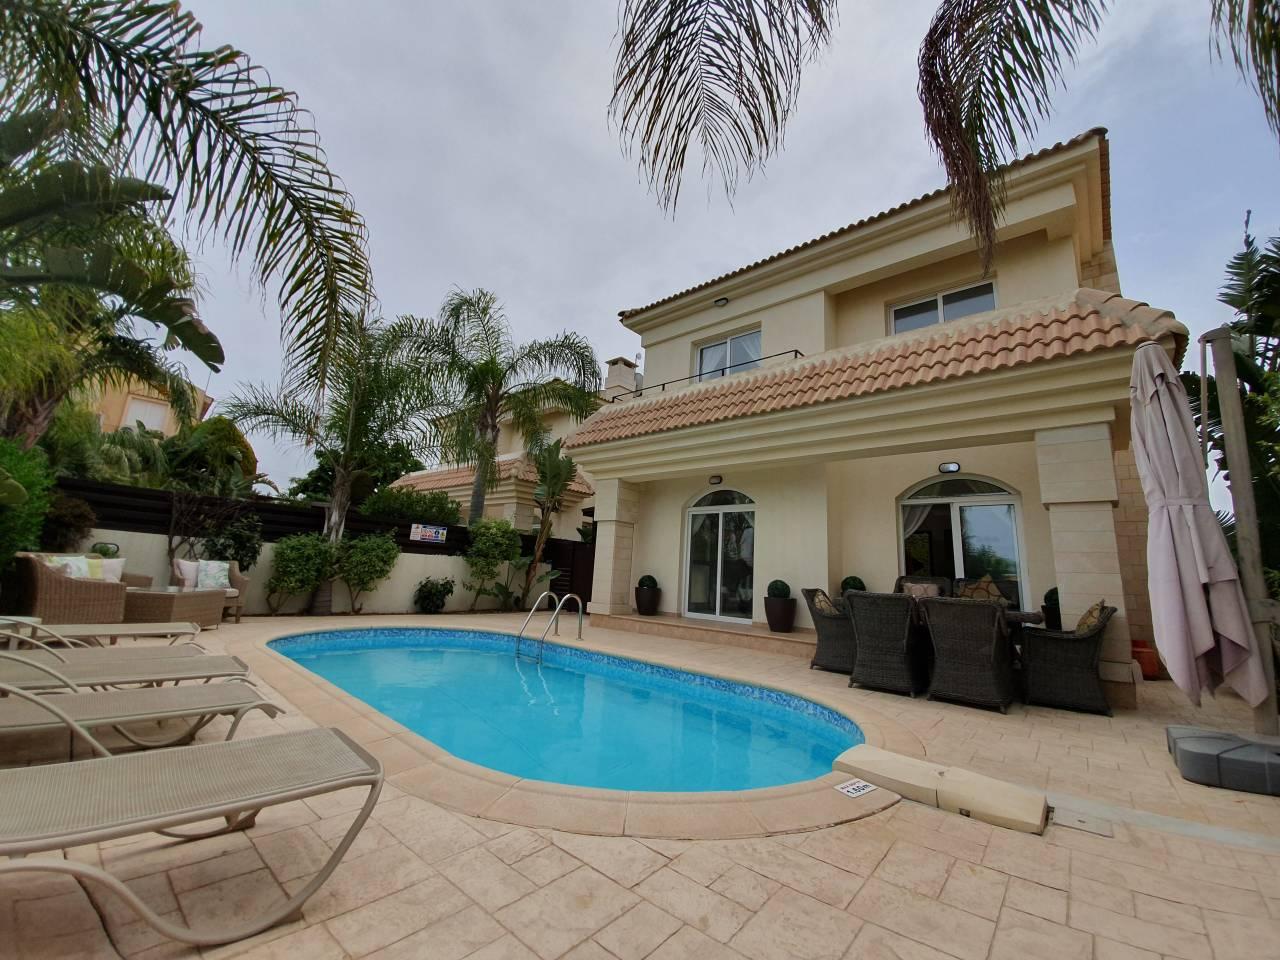 Apartment Villa Abbie - 2 Bedroom Villa with Private Pool photo 23934555